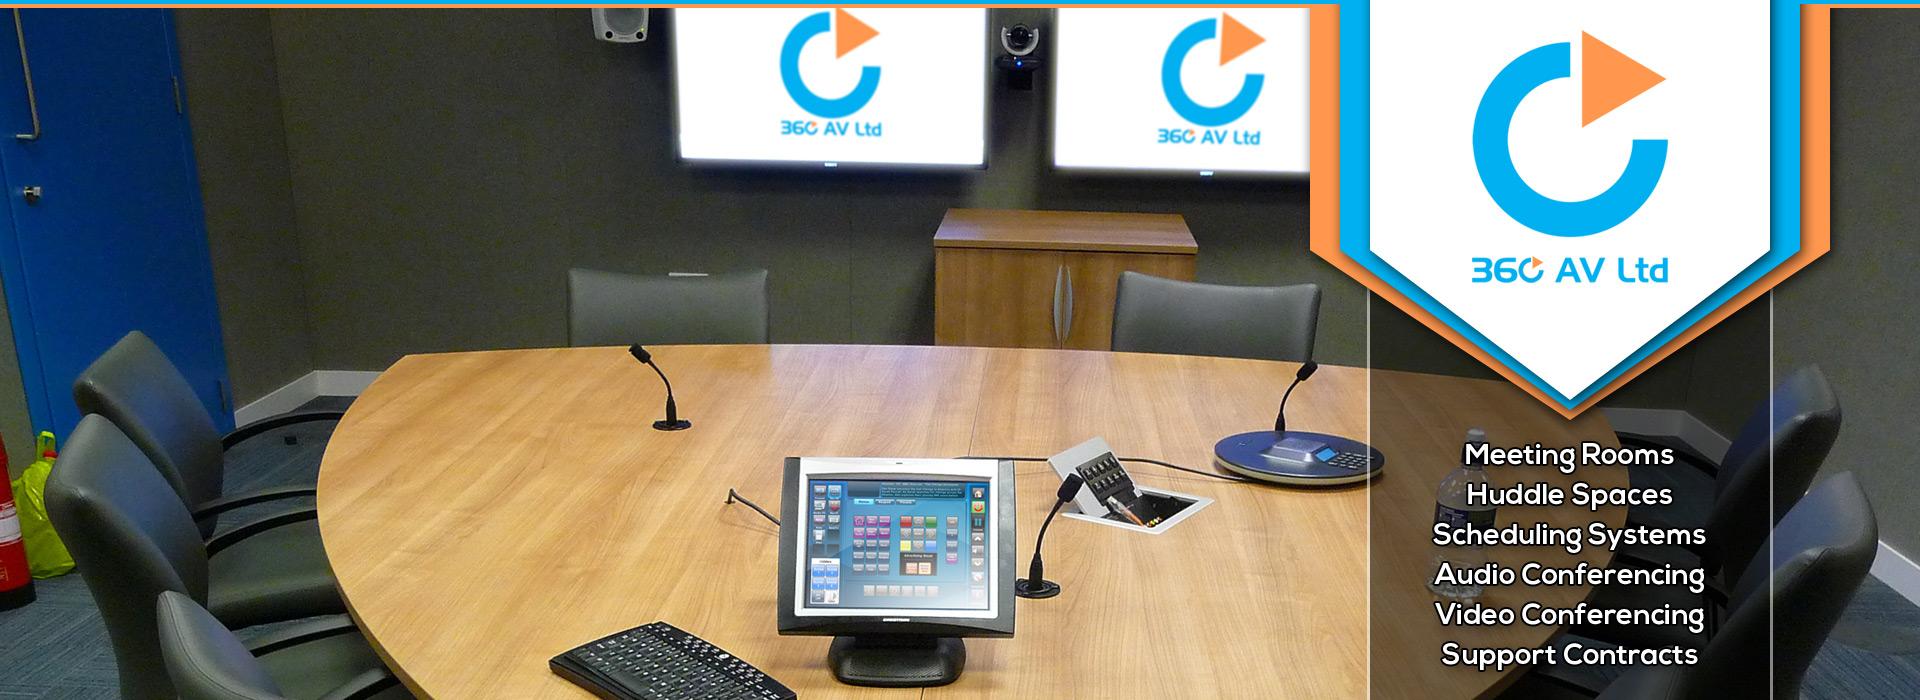 360 AV Ltd | Video Conference Room